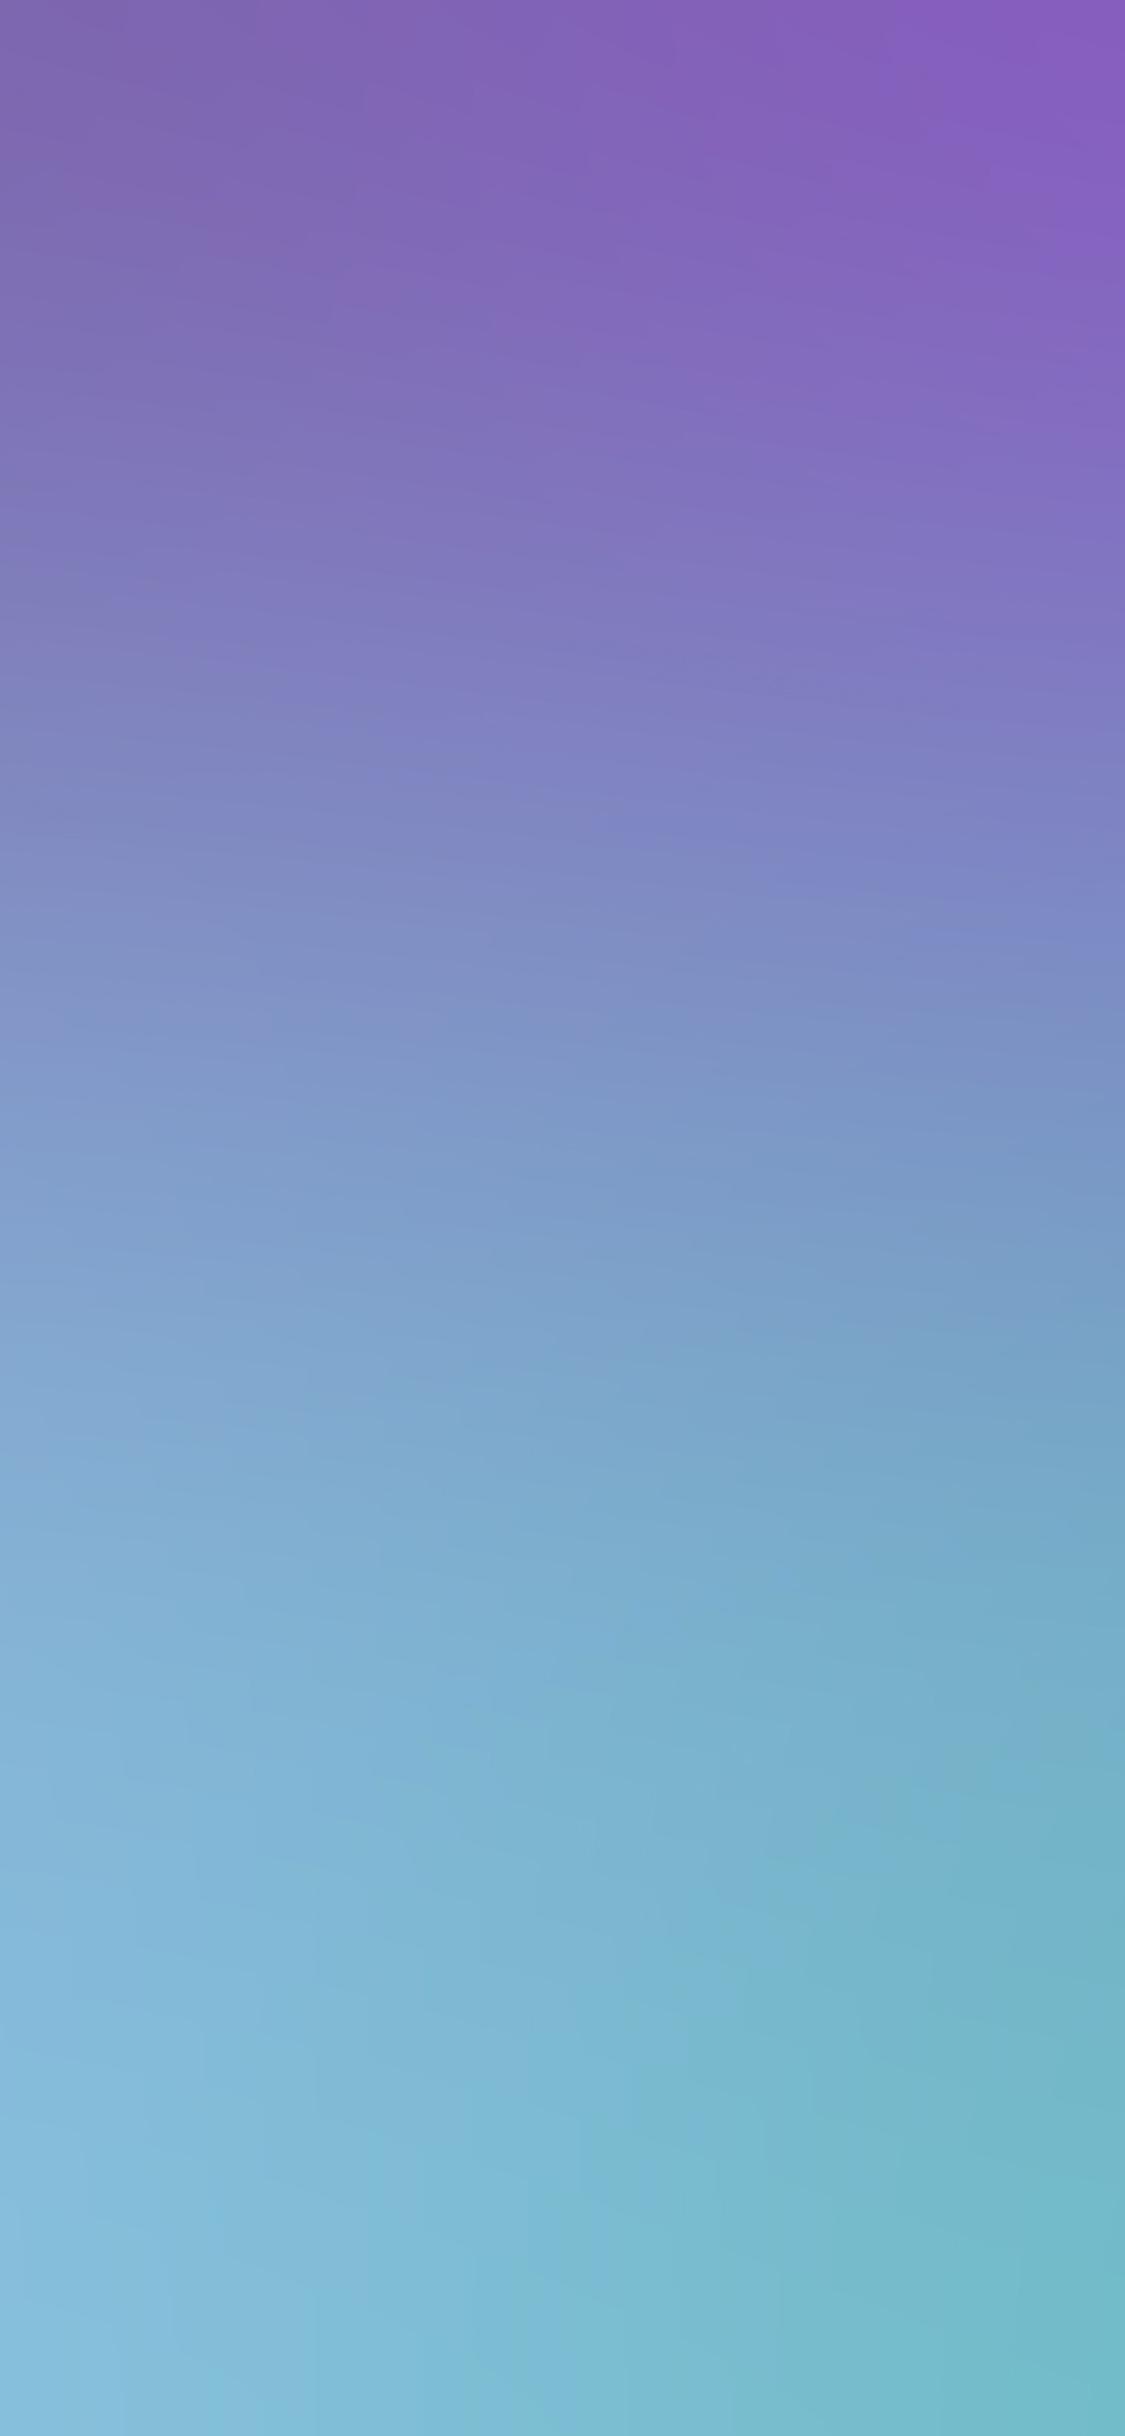 iPhoneXpapers.com-Apple-iPhone-wallpaper-sc53-i-want-5k-new-imac-blur